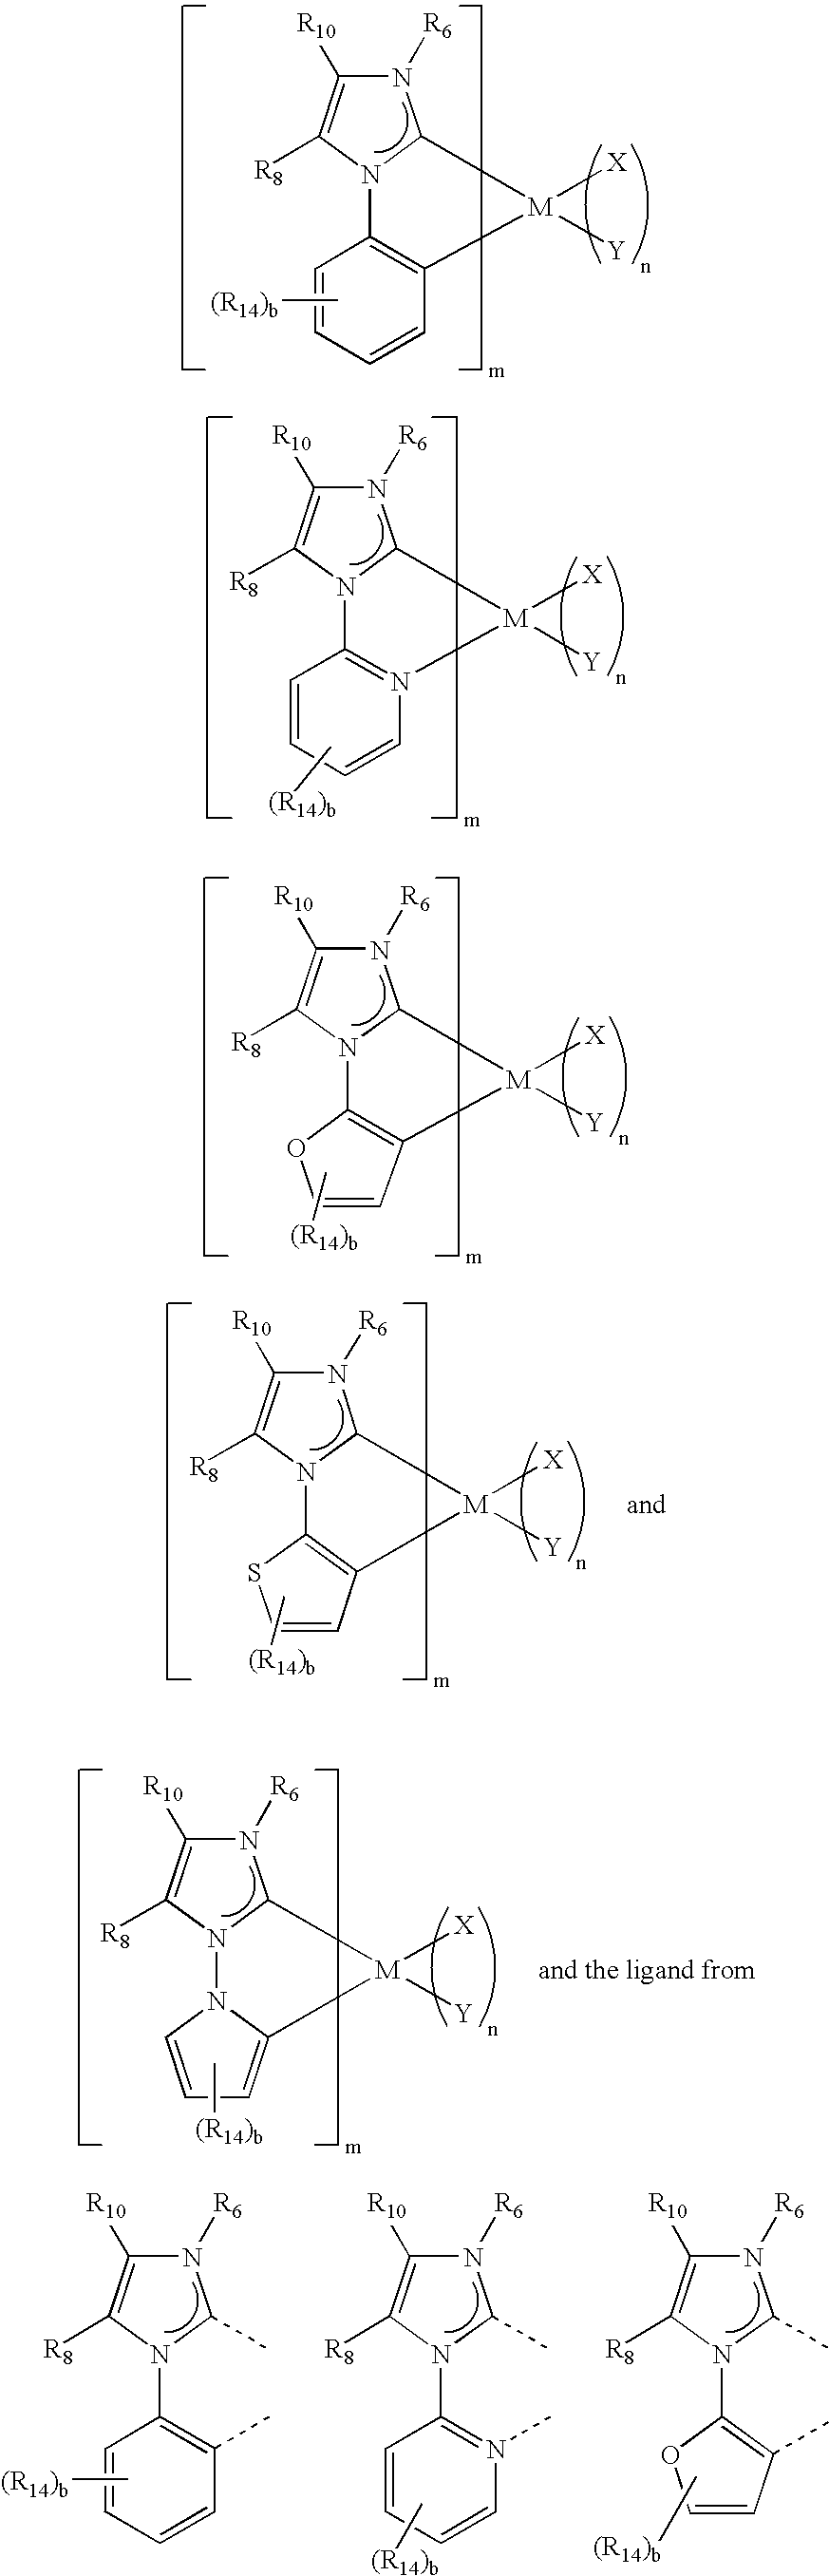 Figure US20050260441A1-20051124-C00021